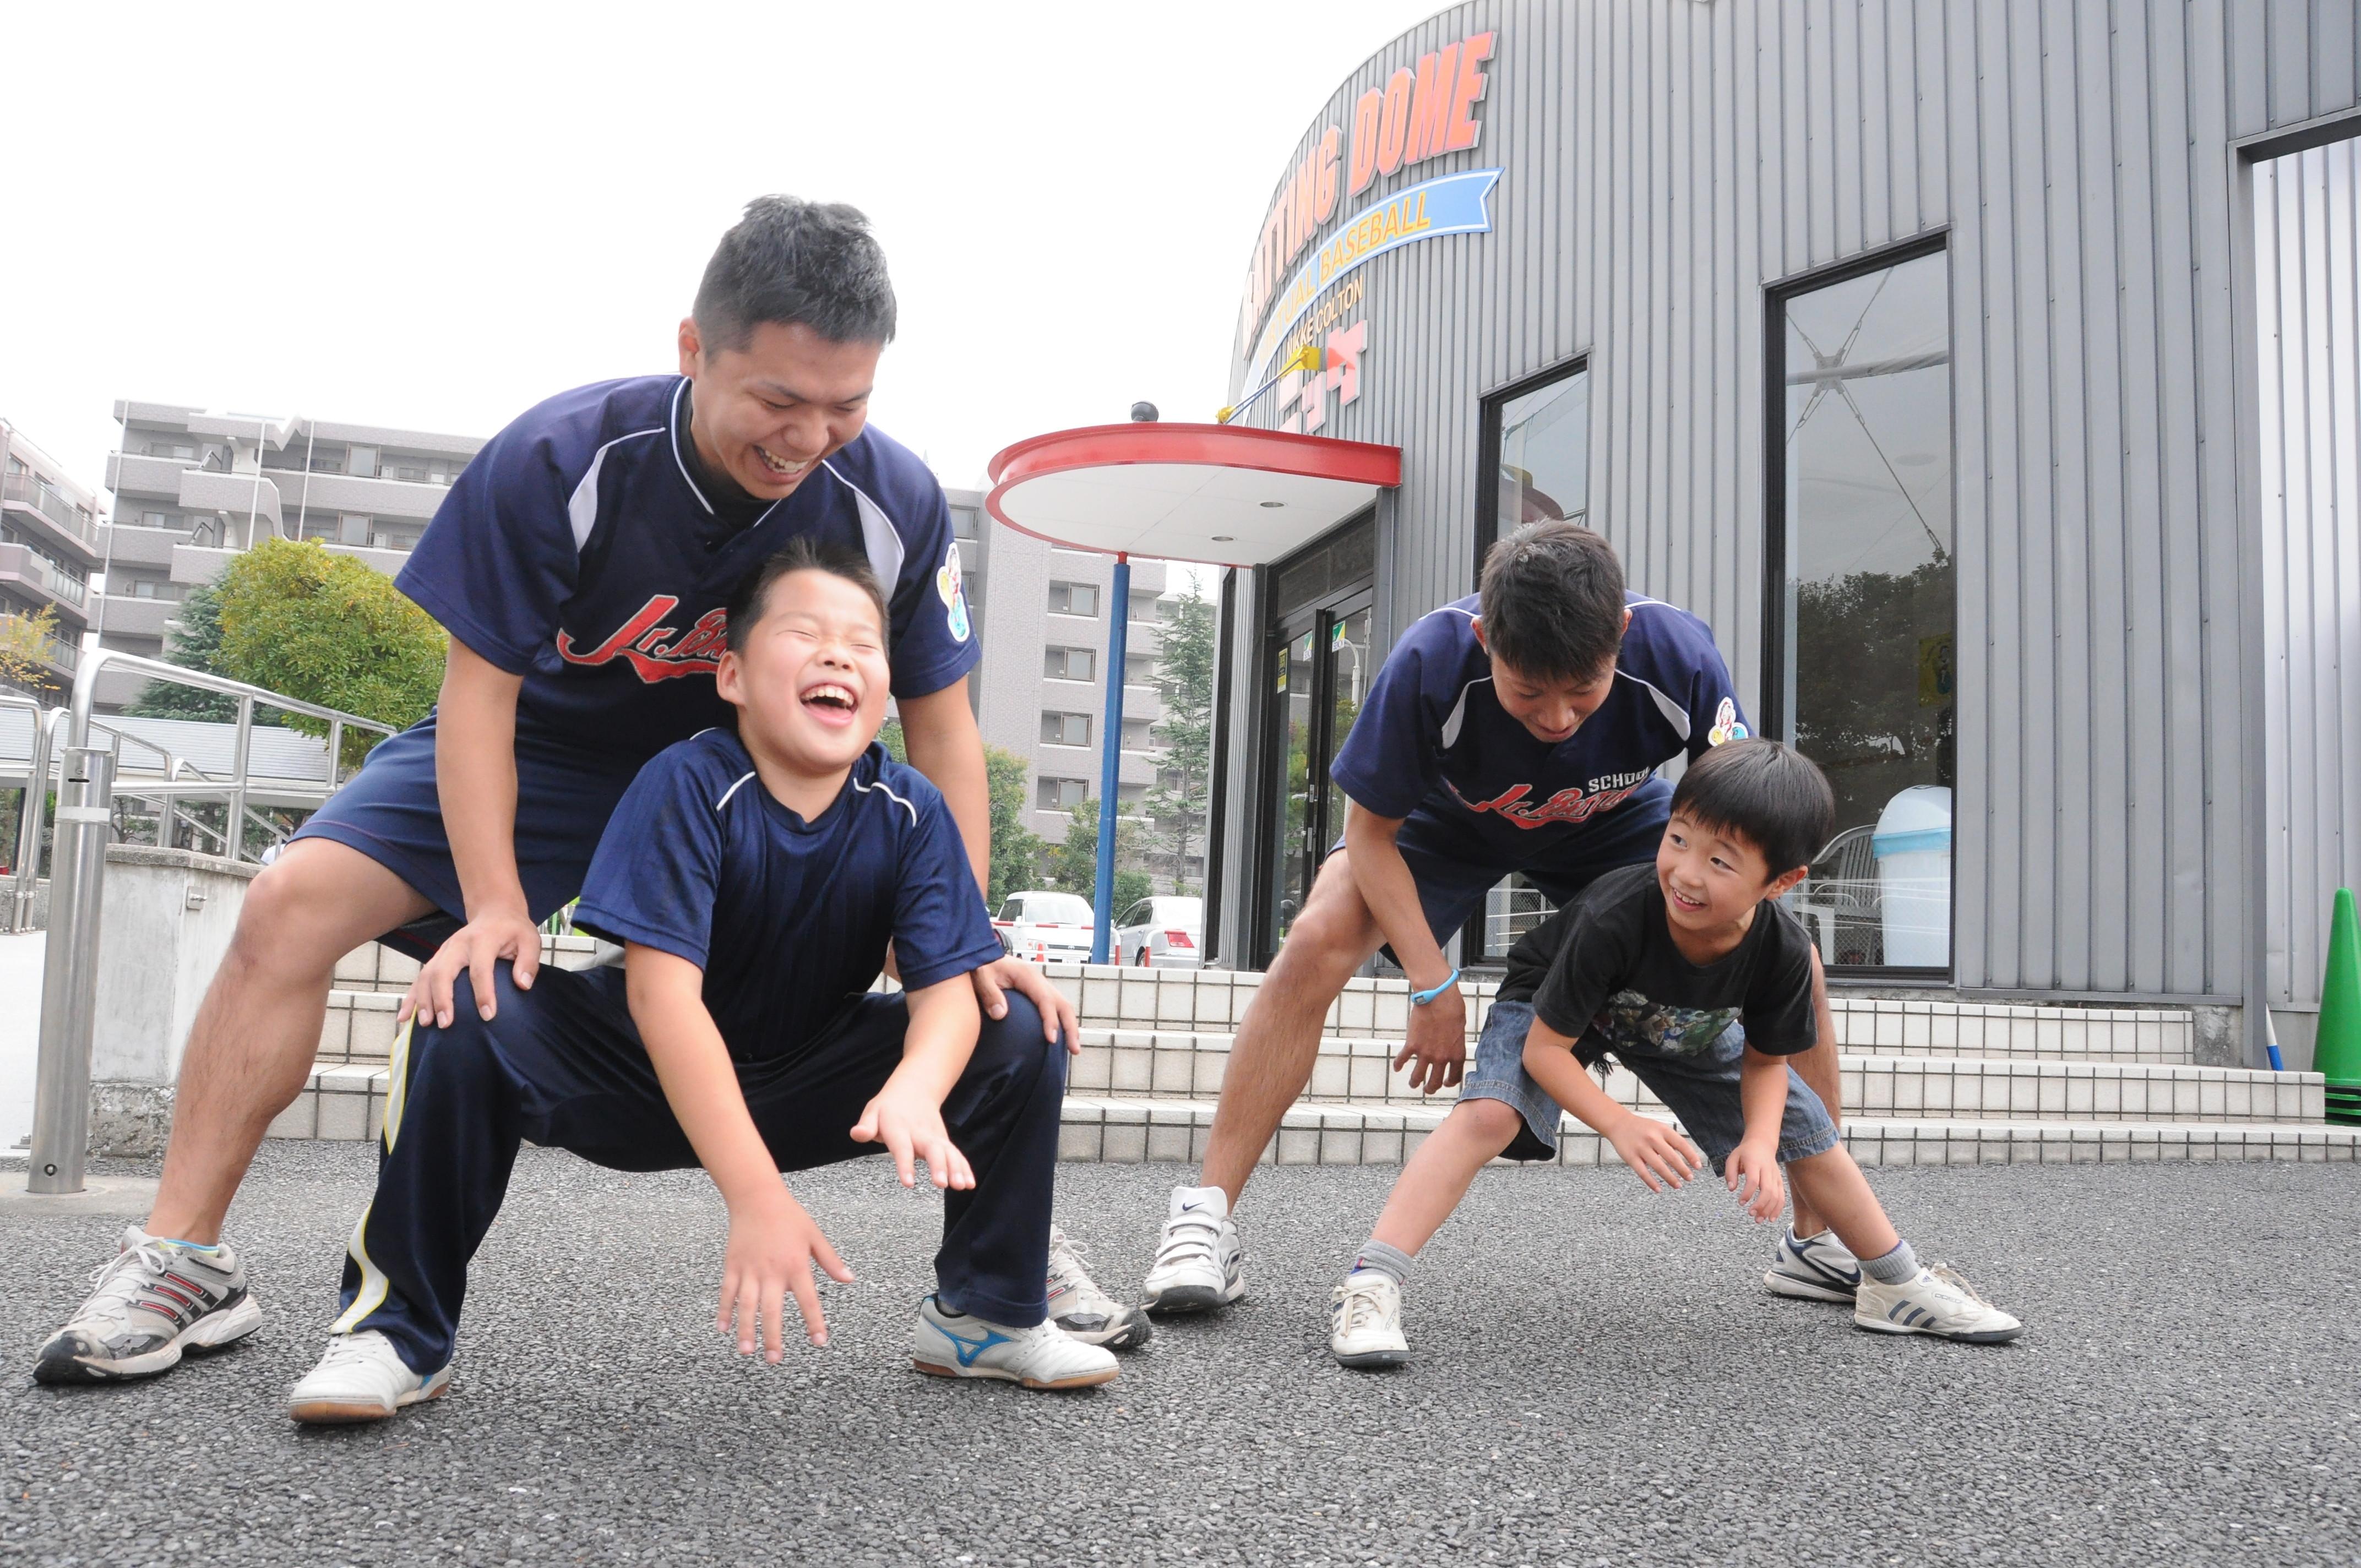 JBS(ジュニアバッティングスクール) 武蔵村山校 のアルバイト情報